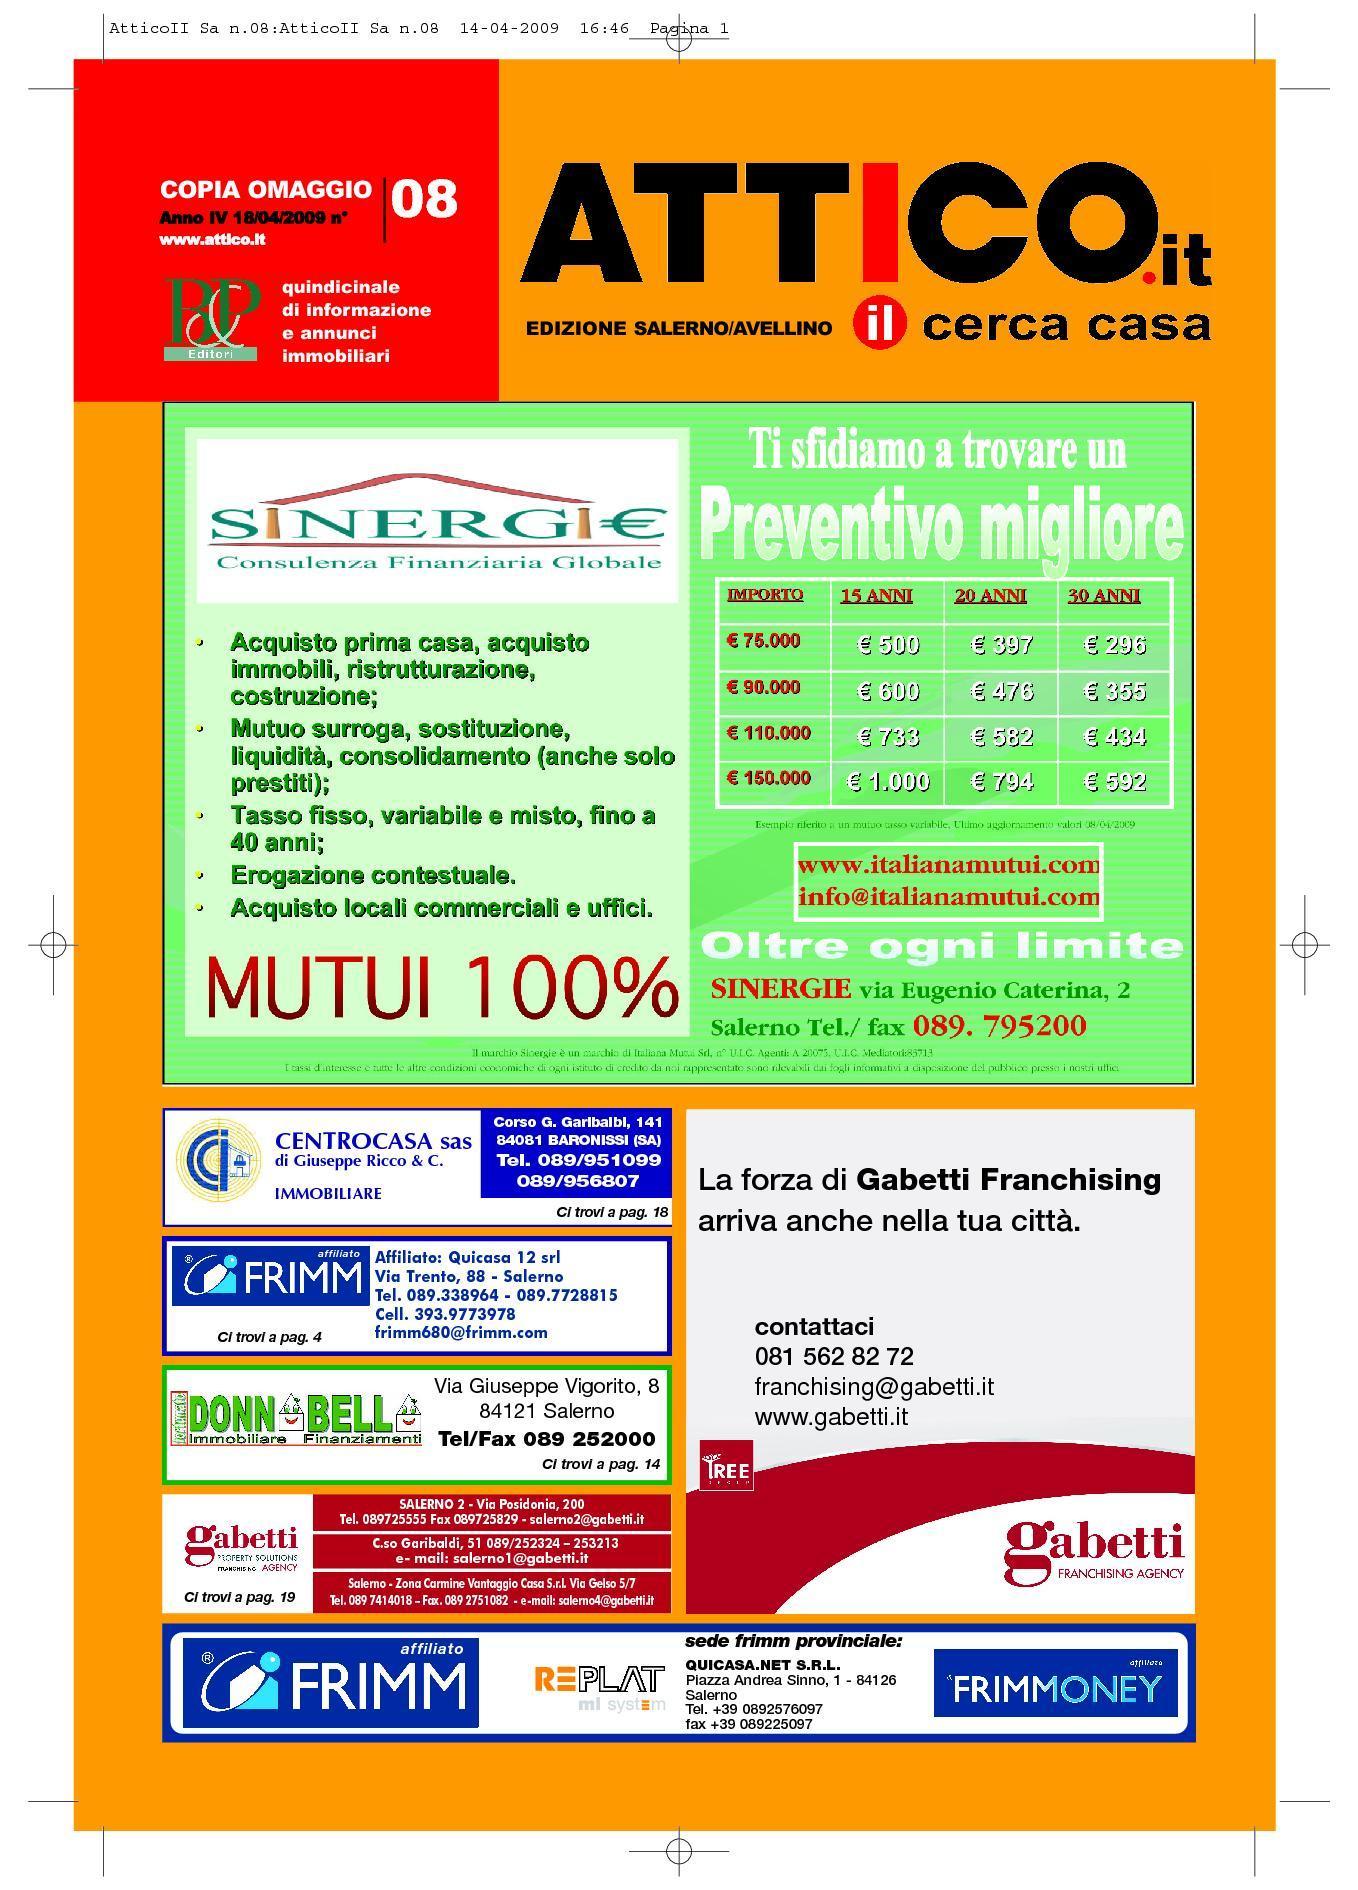 Euronics Vicino A Fisciano Offerte E Volantino Promozioni24